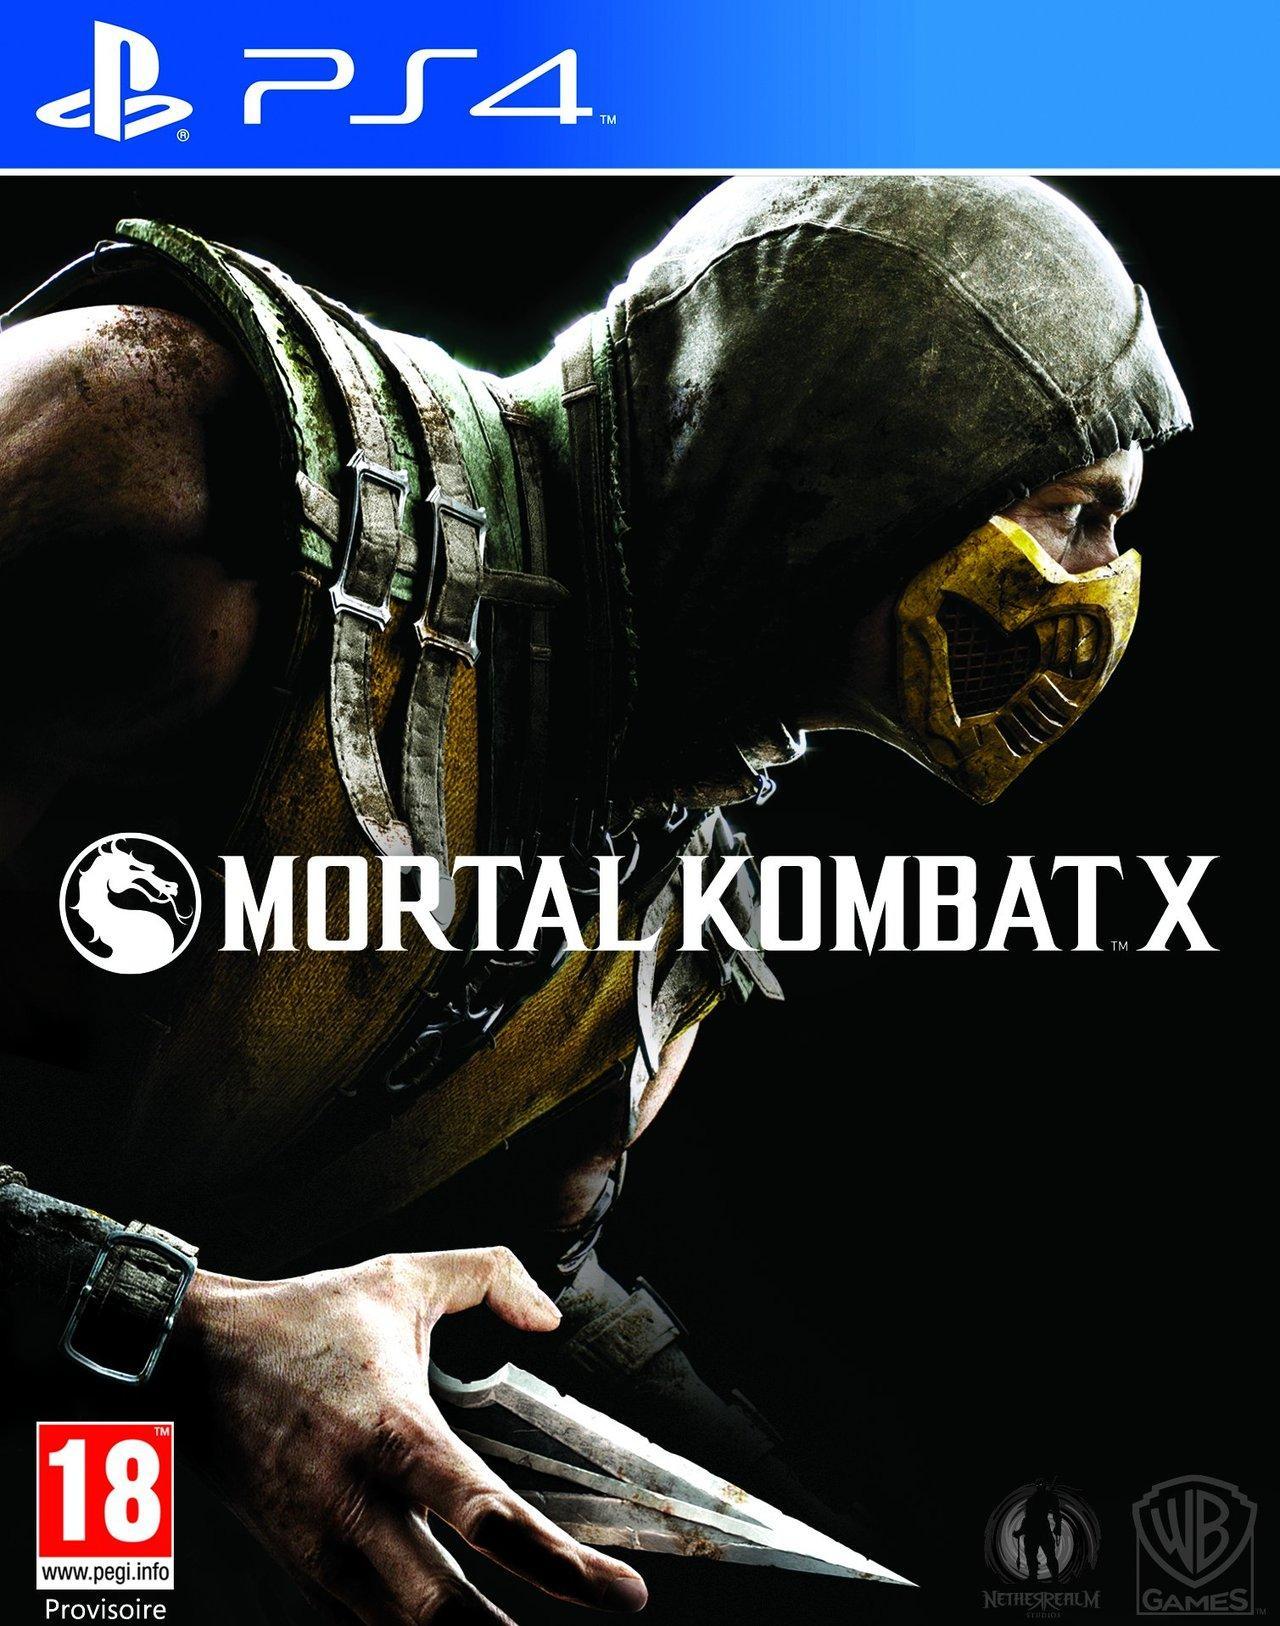 Sélection de jeux vidéo en promotion - Ex : Mortal Kombat X sur PS4